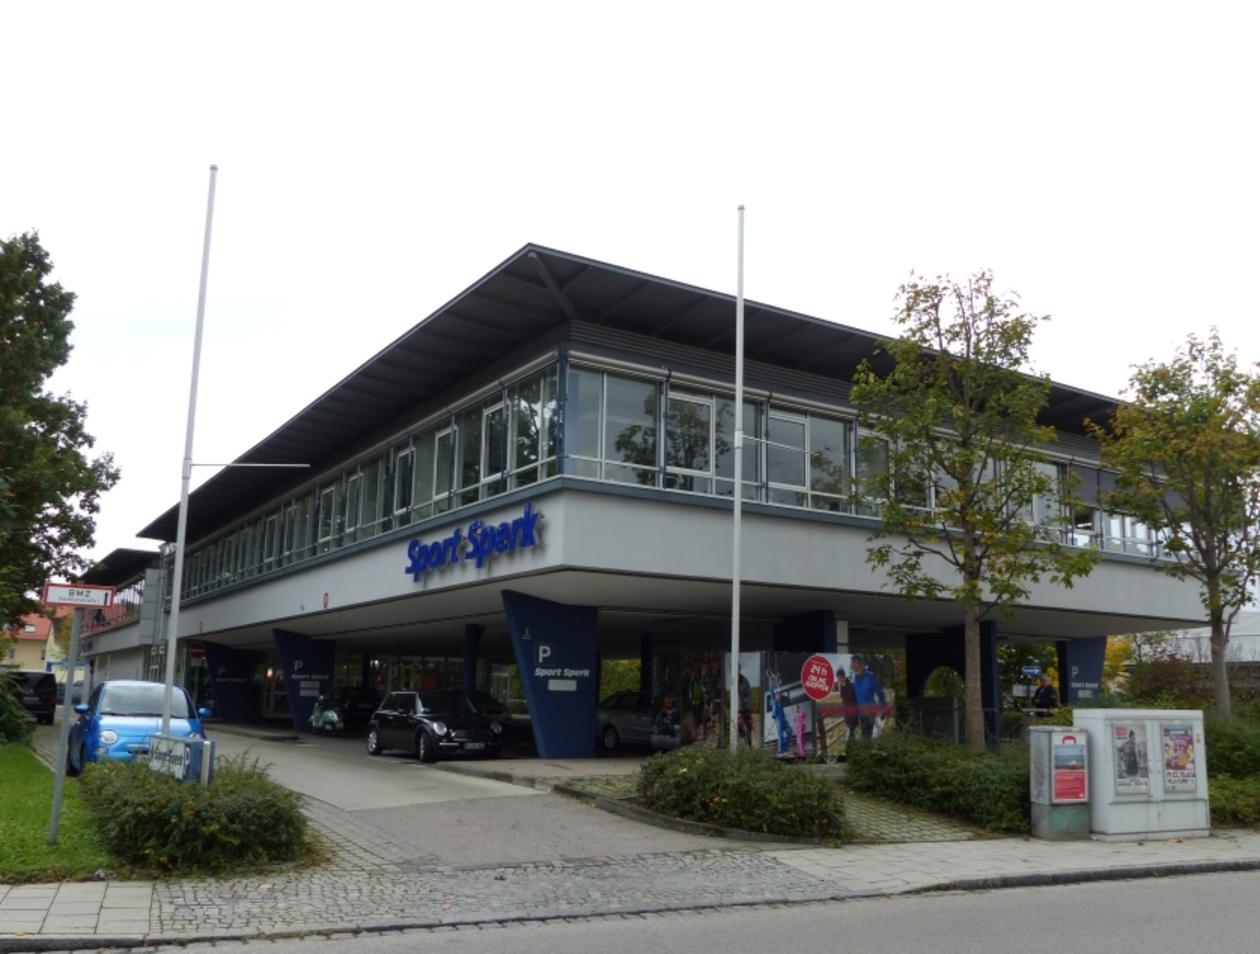 Ottobrunn sport sperk. Sport Sperk Filialen in Ottobrunn